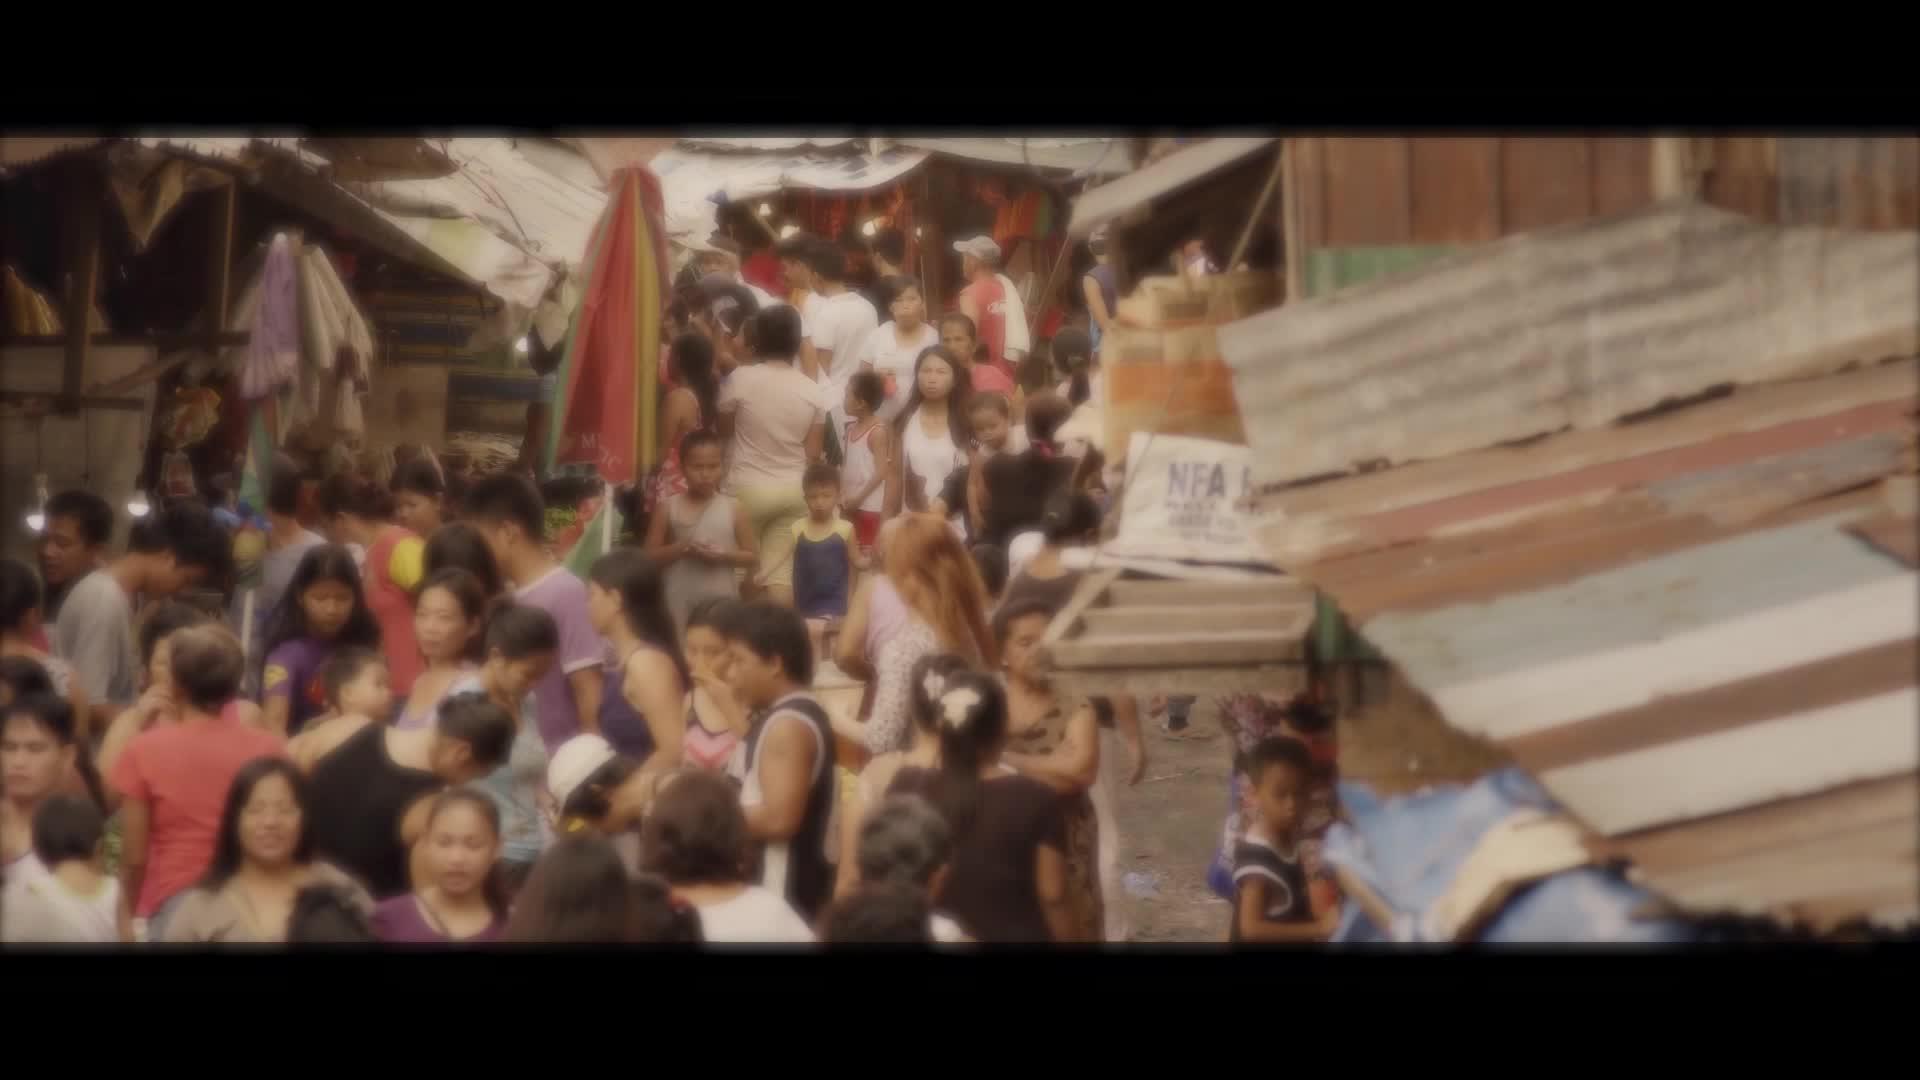 扒手少女和瞎子老头相识相伴,这应该是今年最好看的菲律宾电影